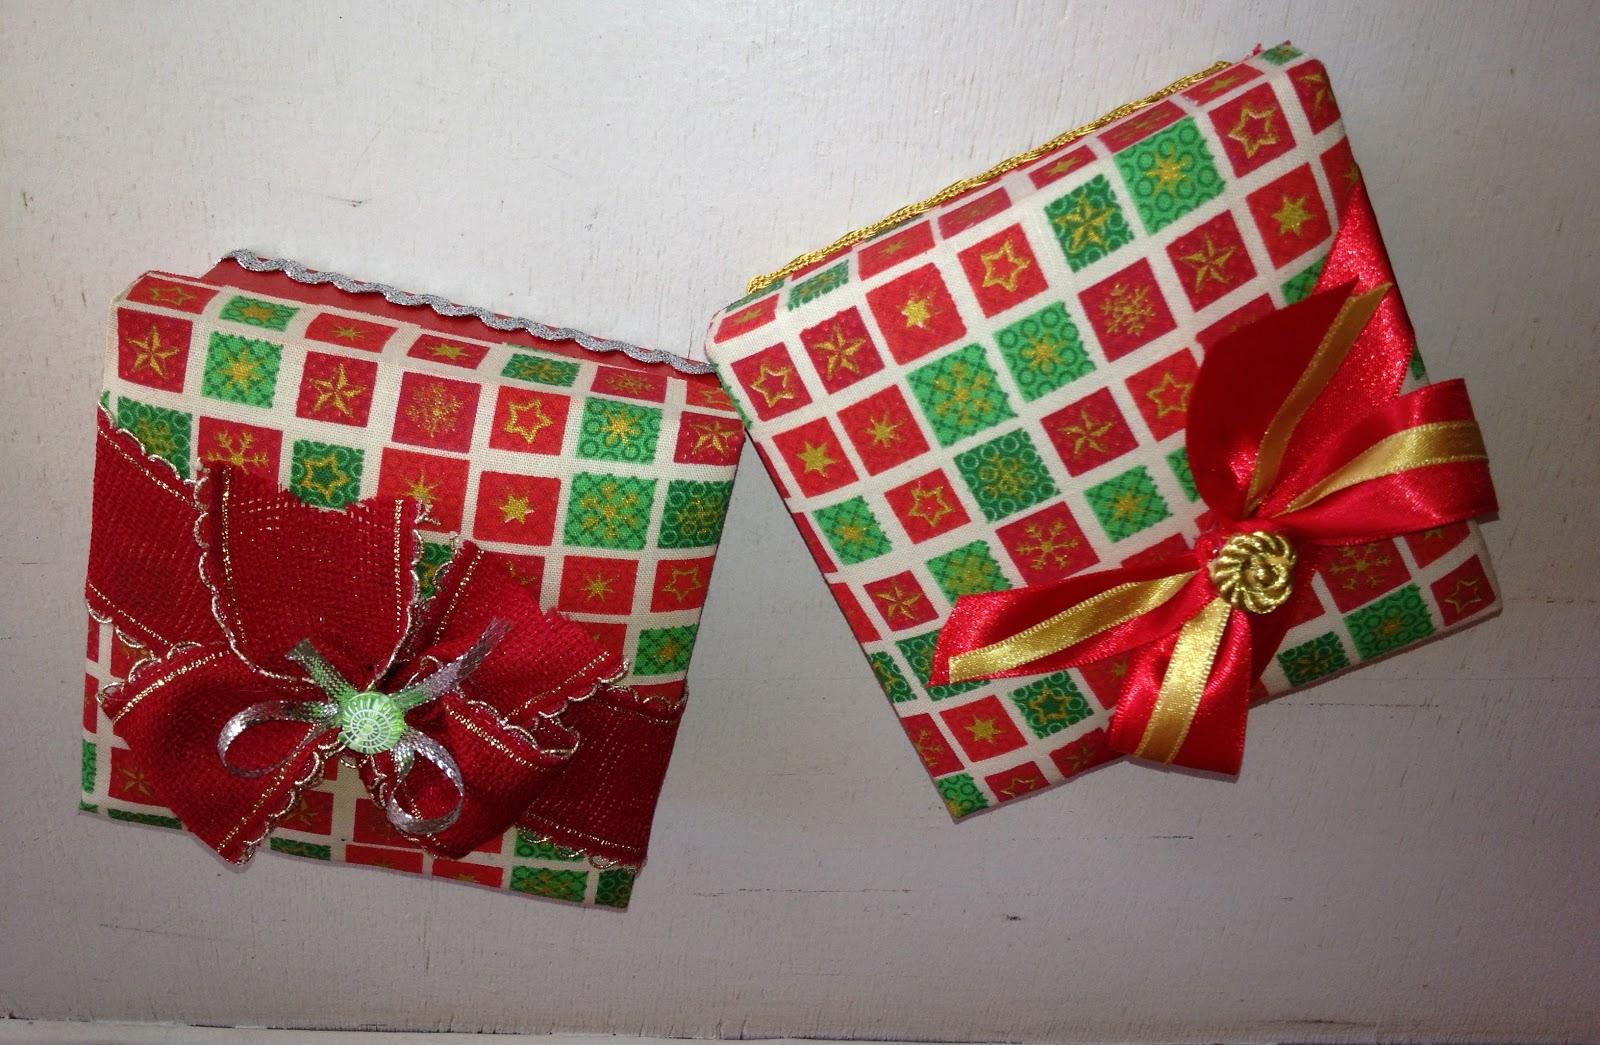 Atelie e arte: Caixas de madeira para presente Motivos natalinos #AA2128 1600x1045